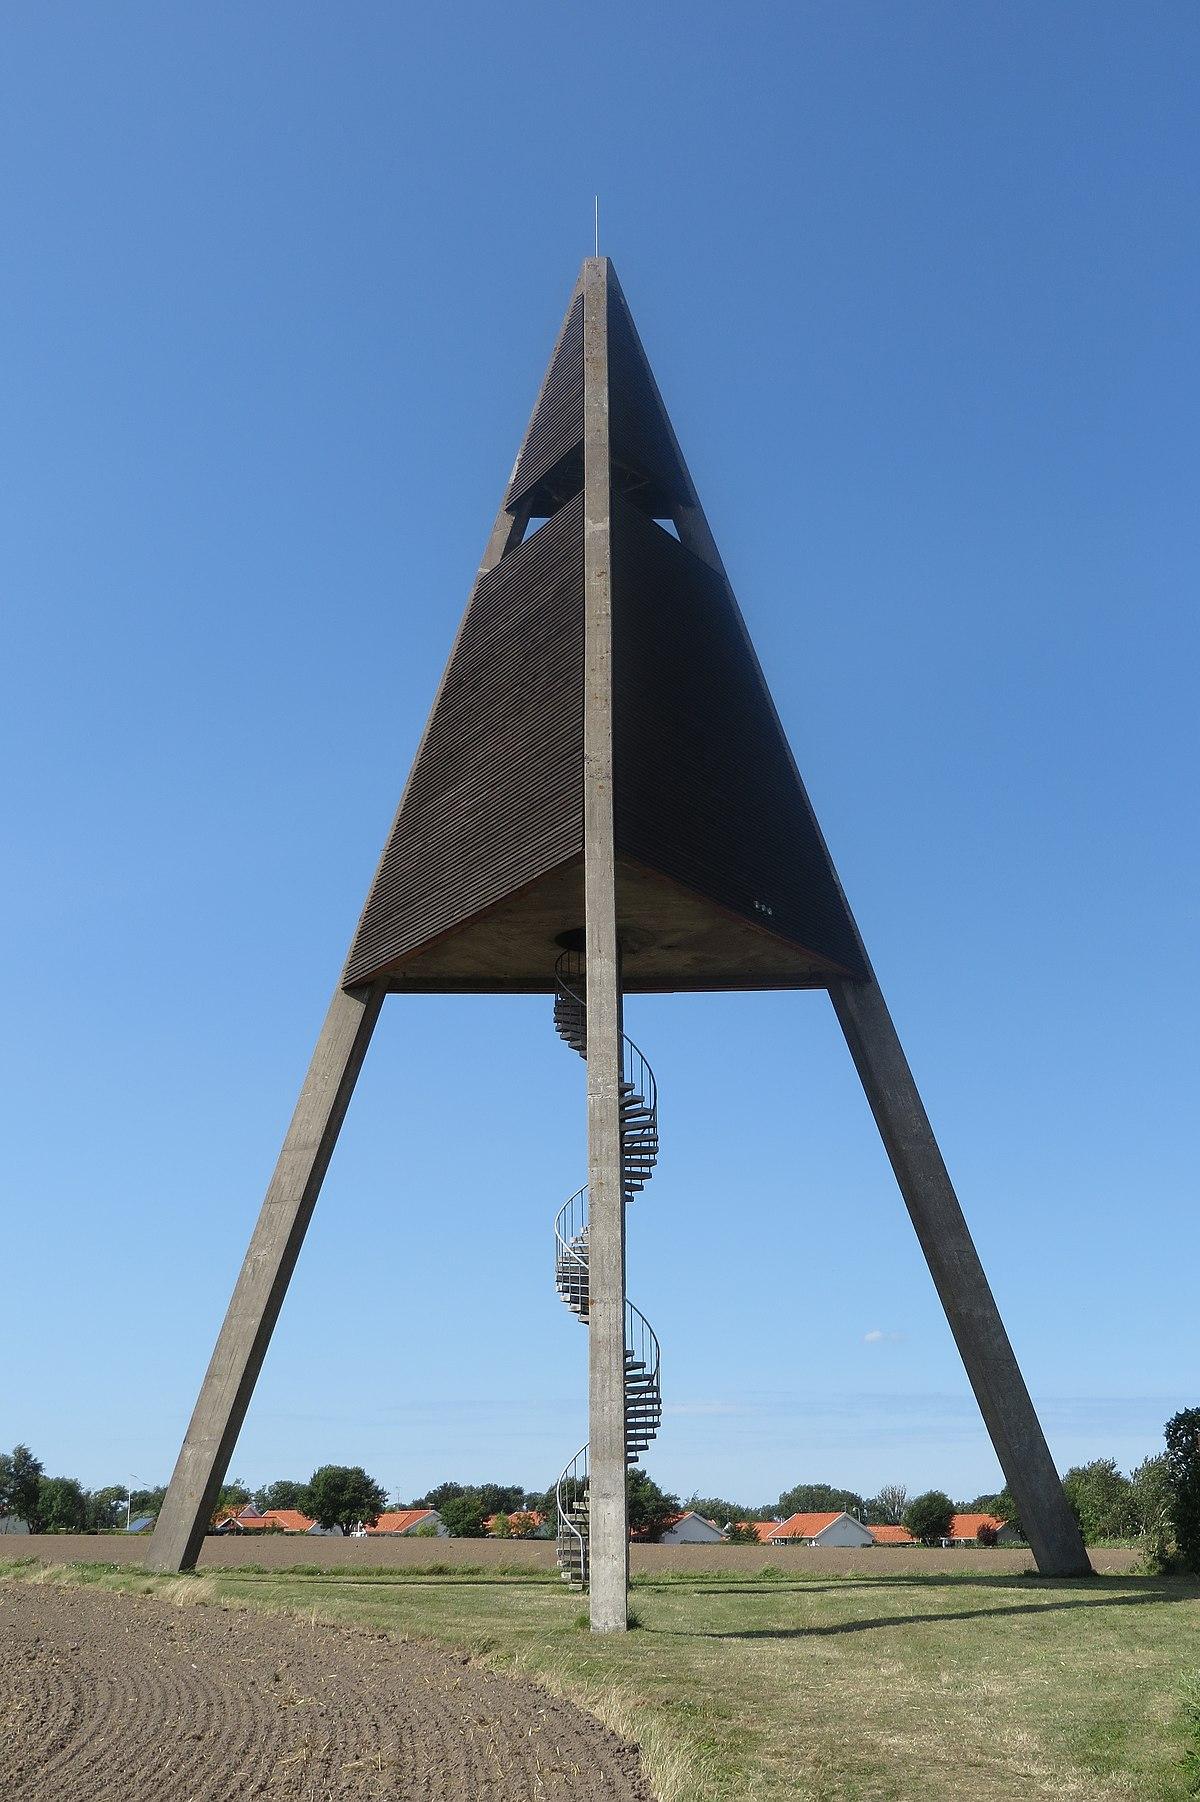 Svaneke Water Tower Wikipedia